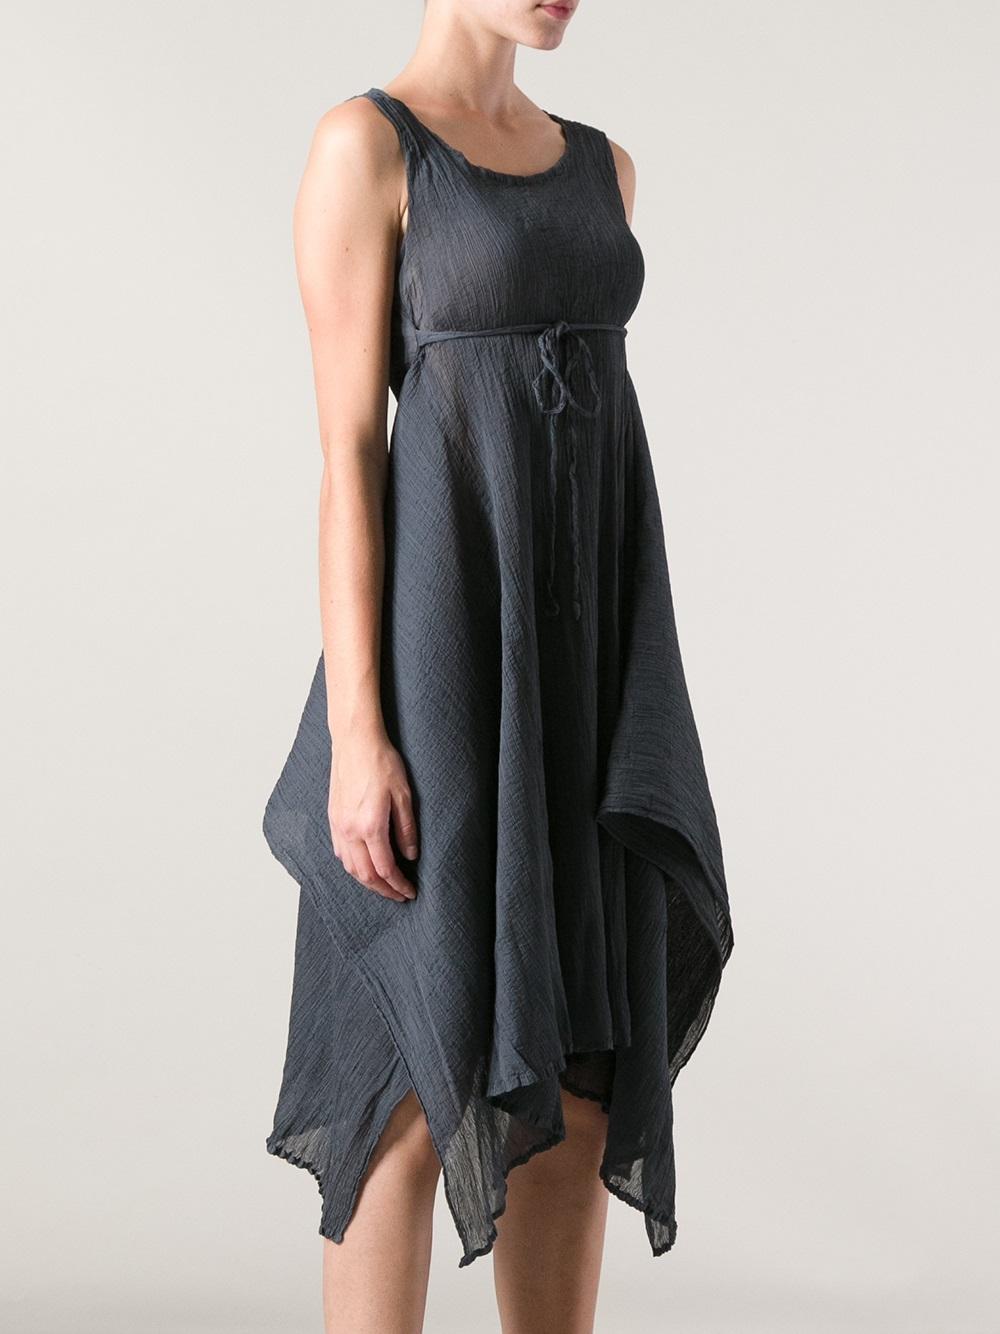 Lyst Issey Miyake Cauliflower Sleeveless Dress In Gray